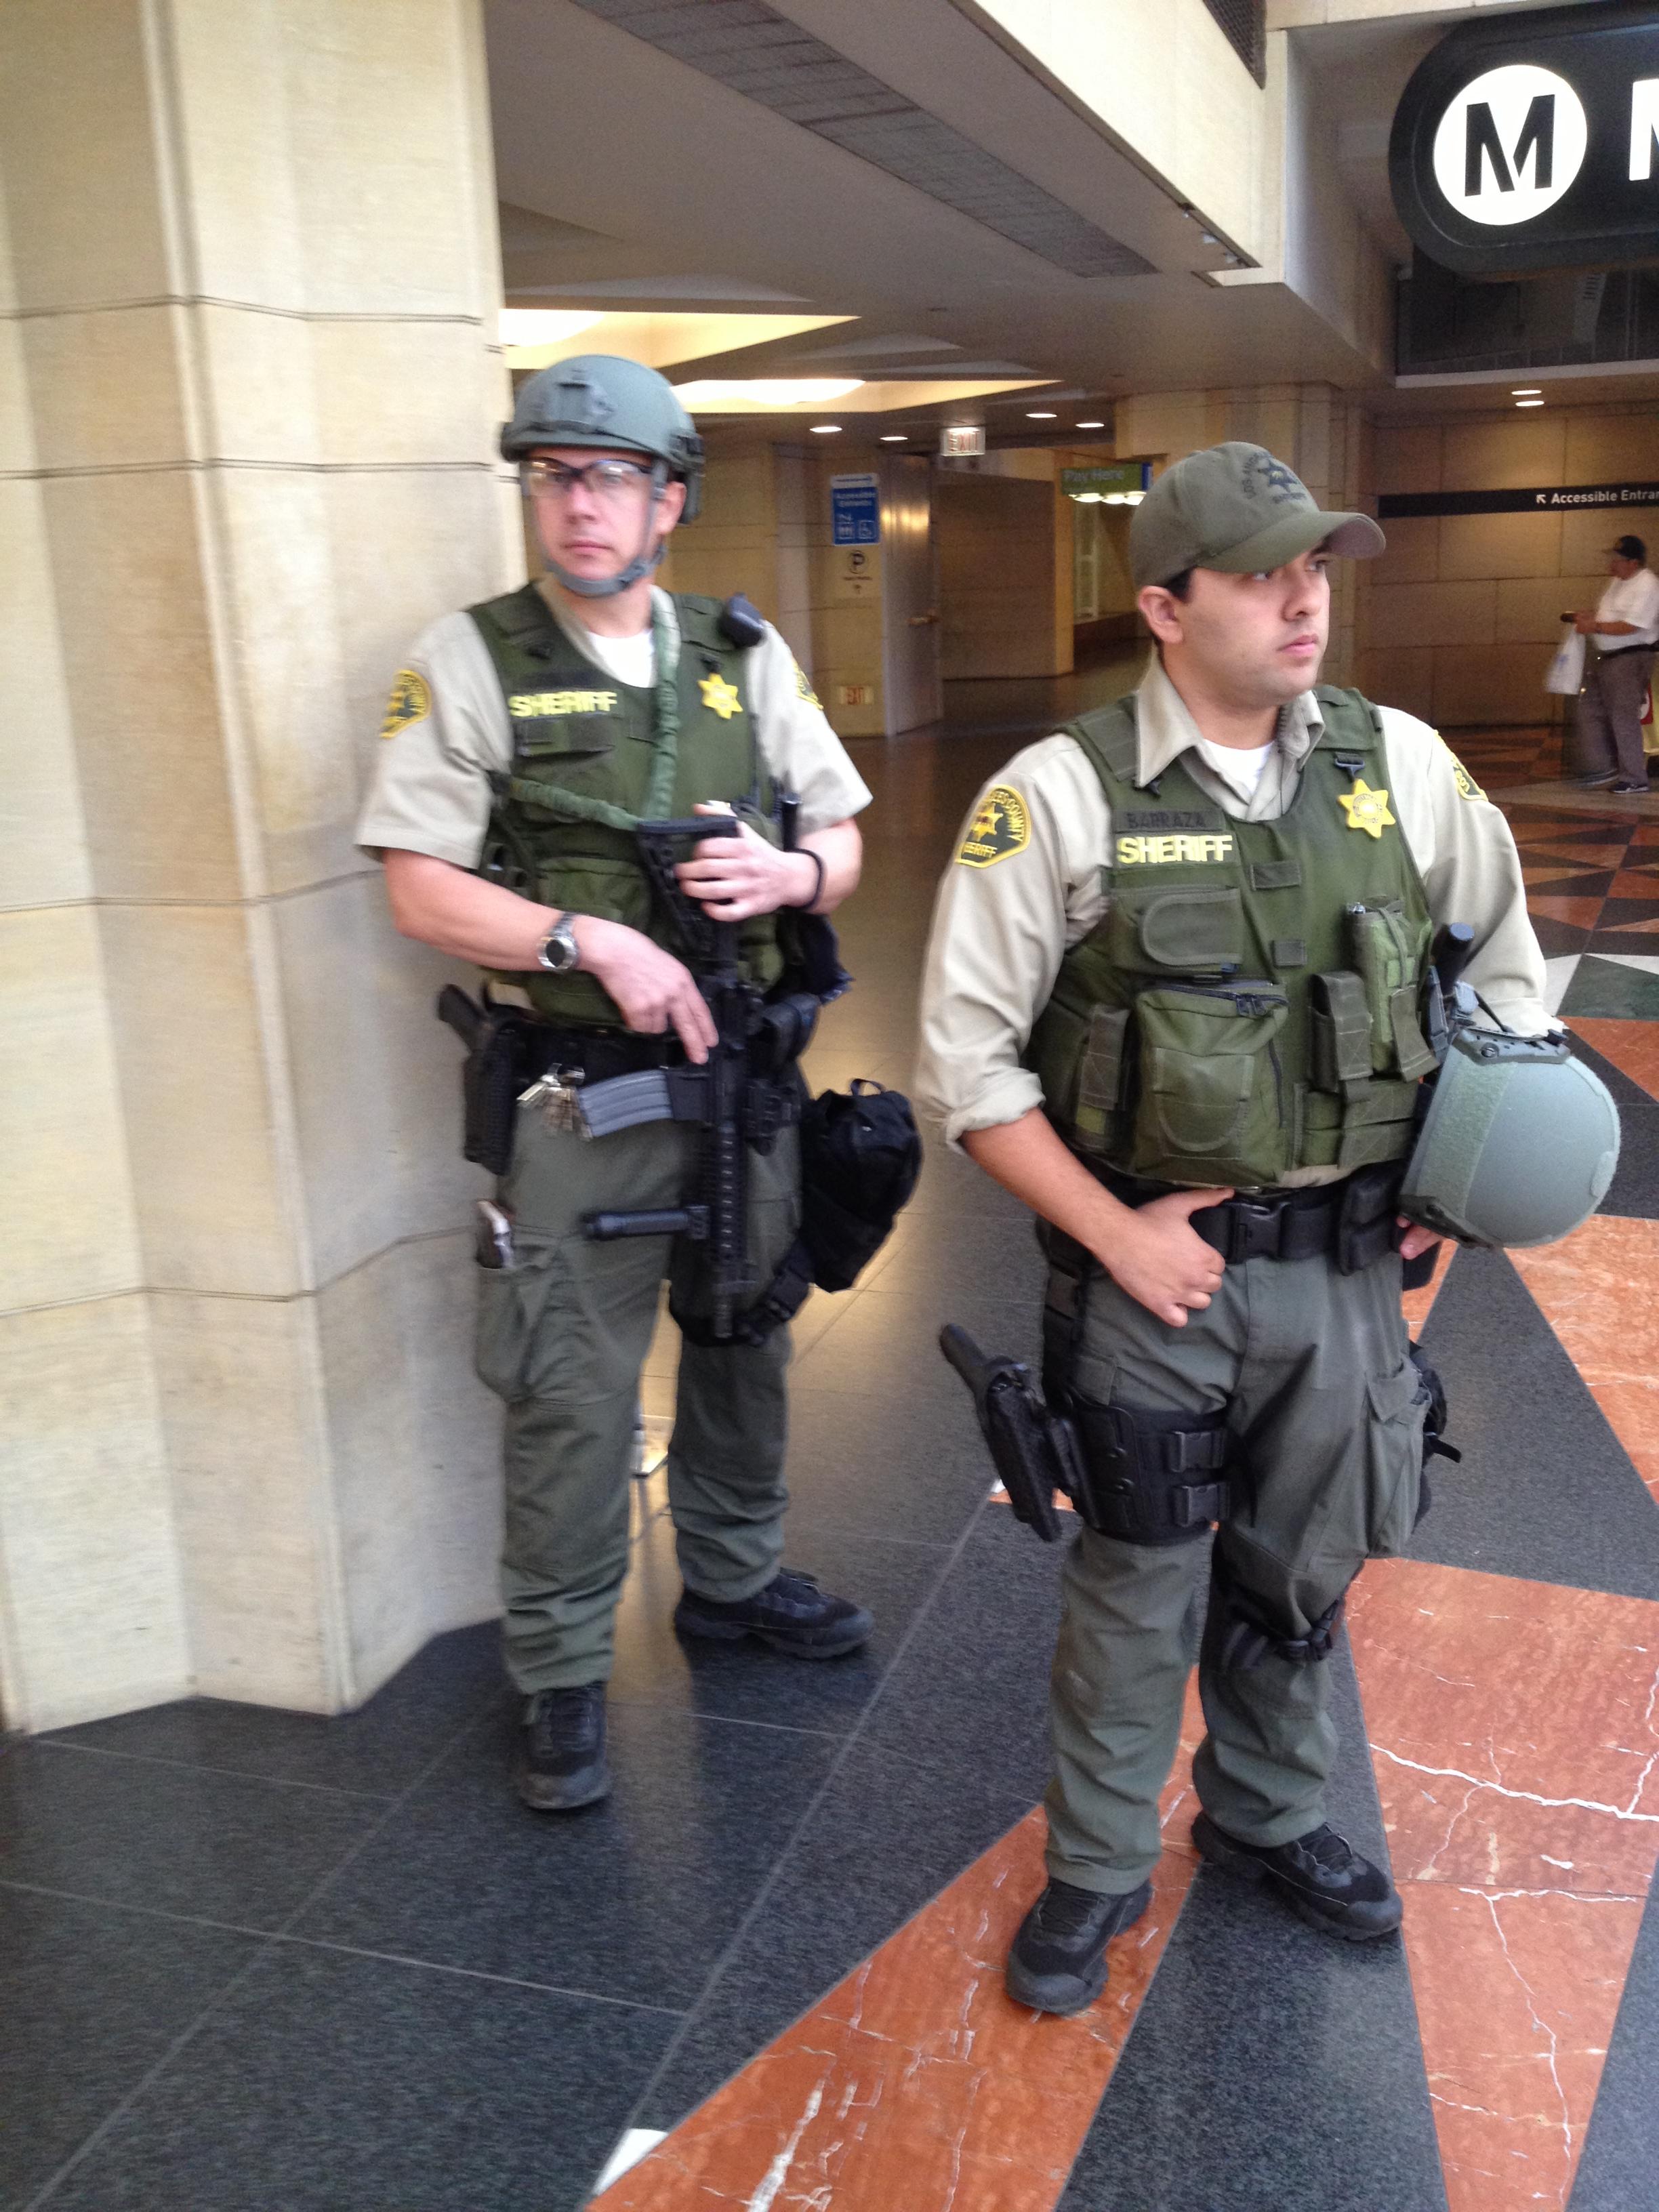 Agentes del sheriff patrulla Union Station.